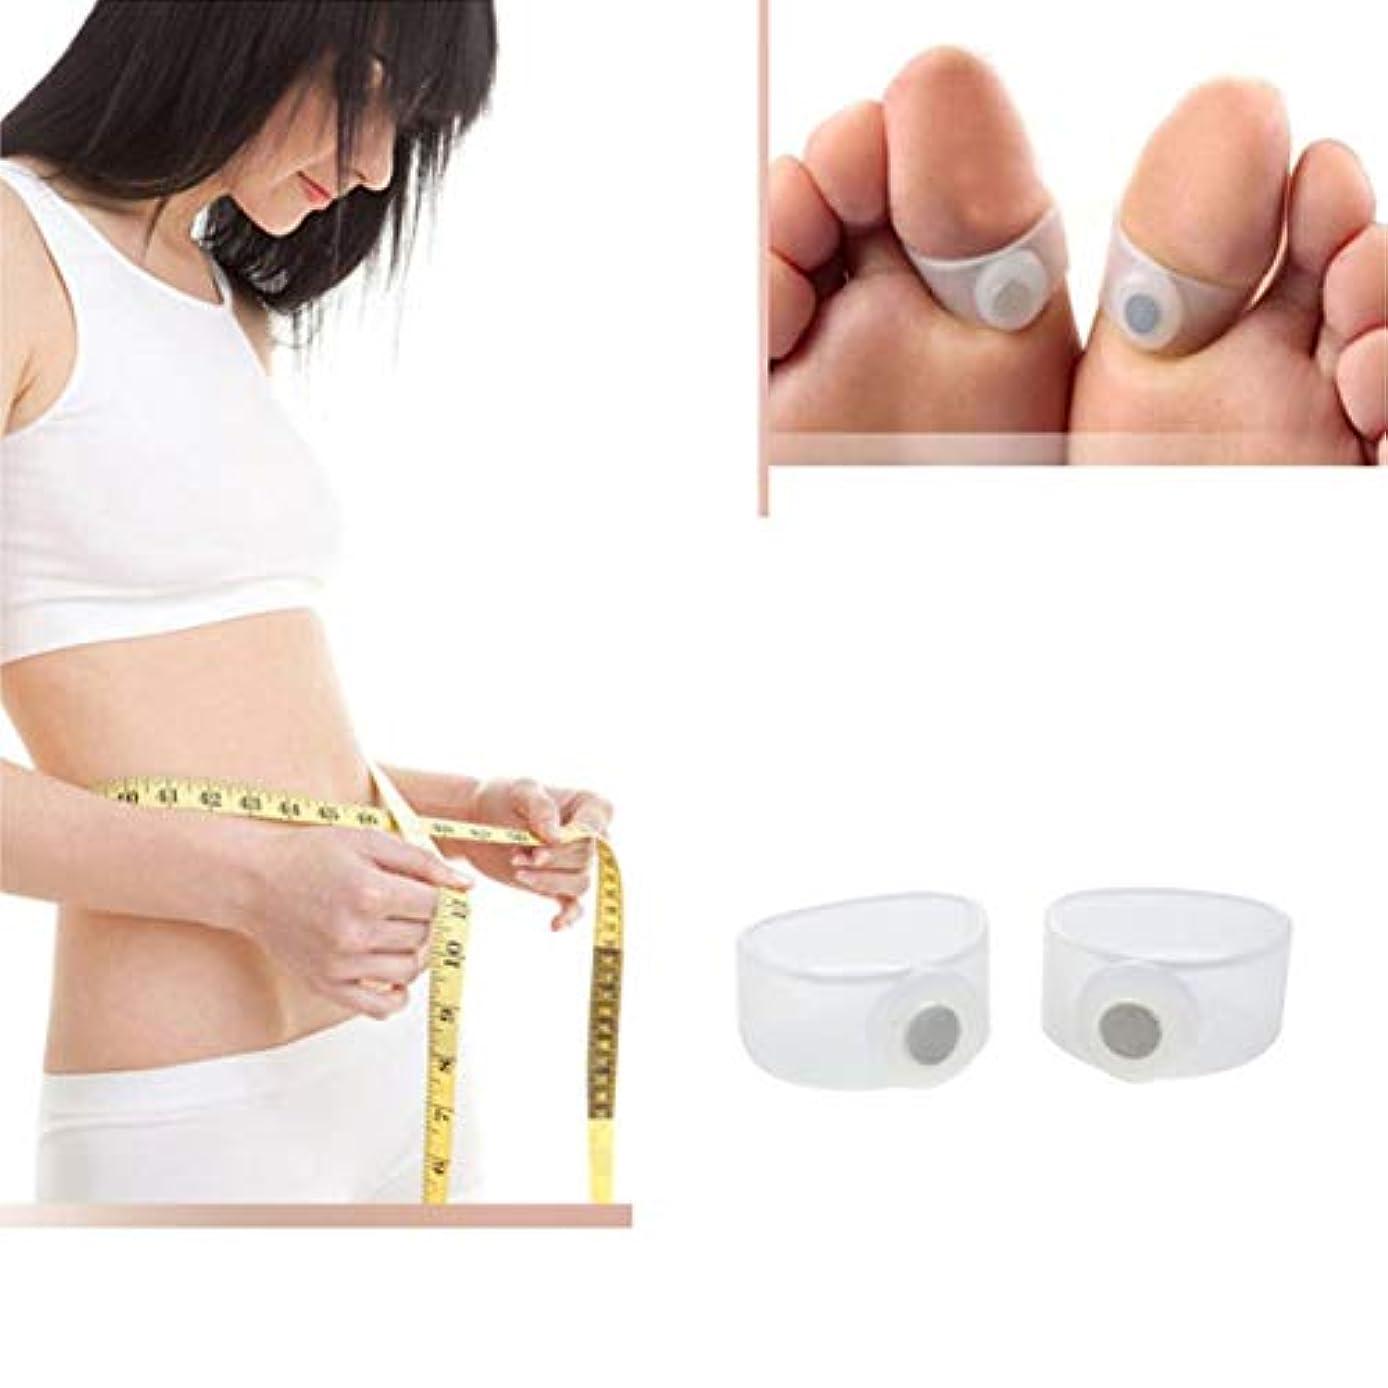 人里離れた受取人高い痩身シリコン磁気フットマッサージャーマッサージリラックスつま先リング減量健康ツール美容製品